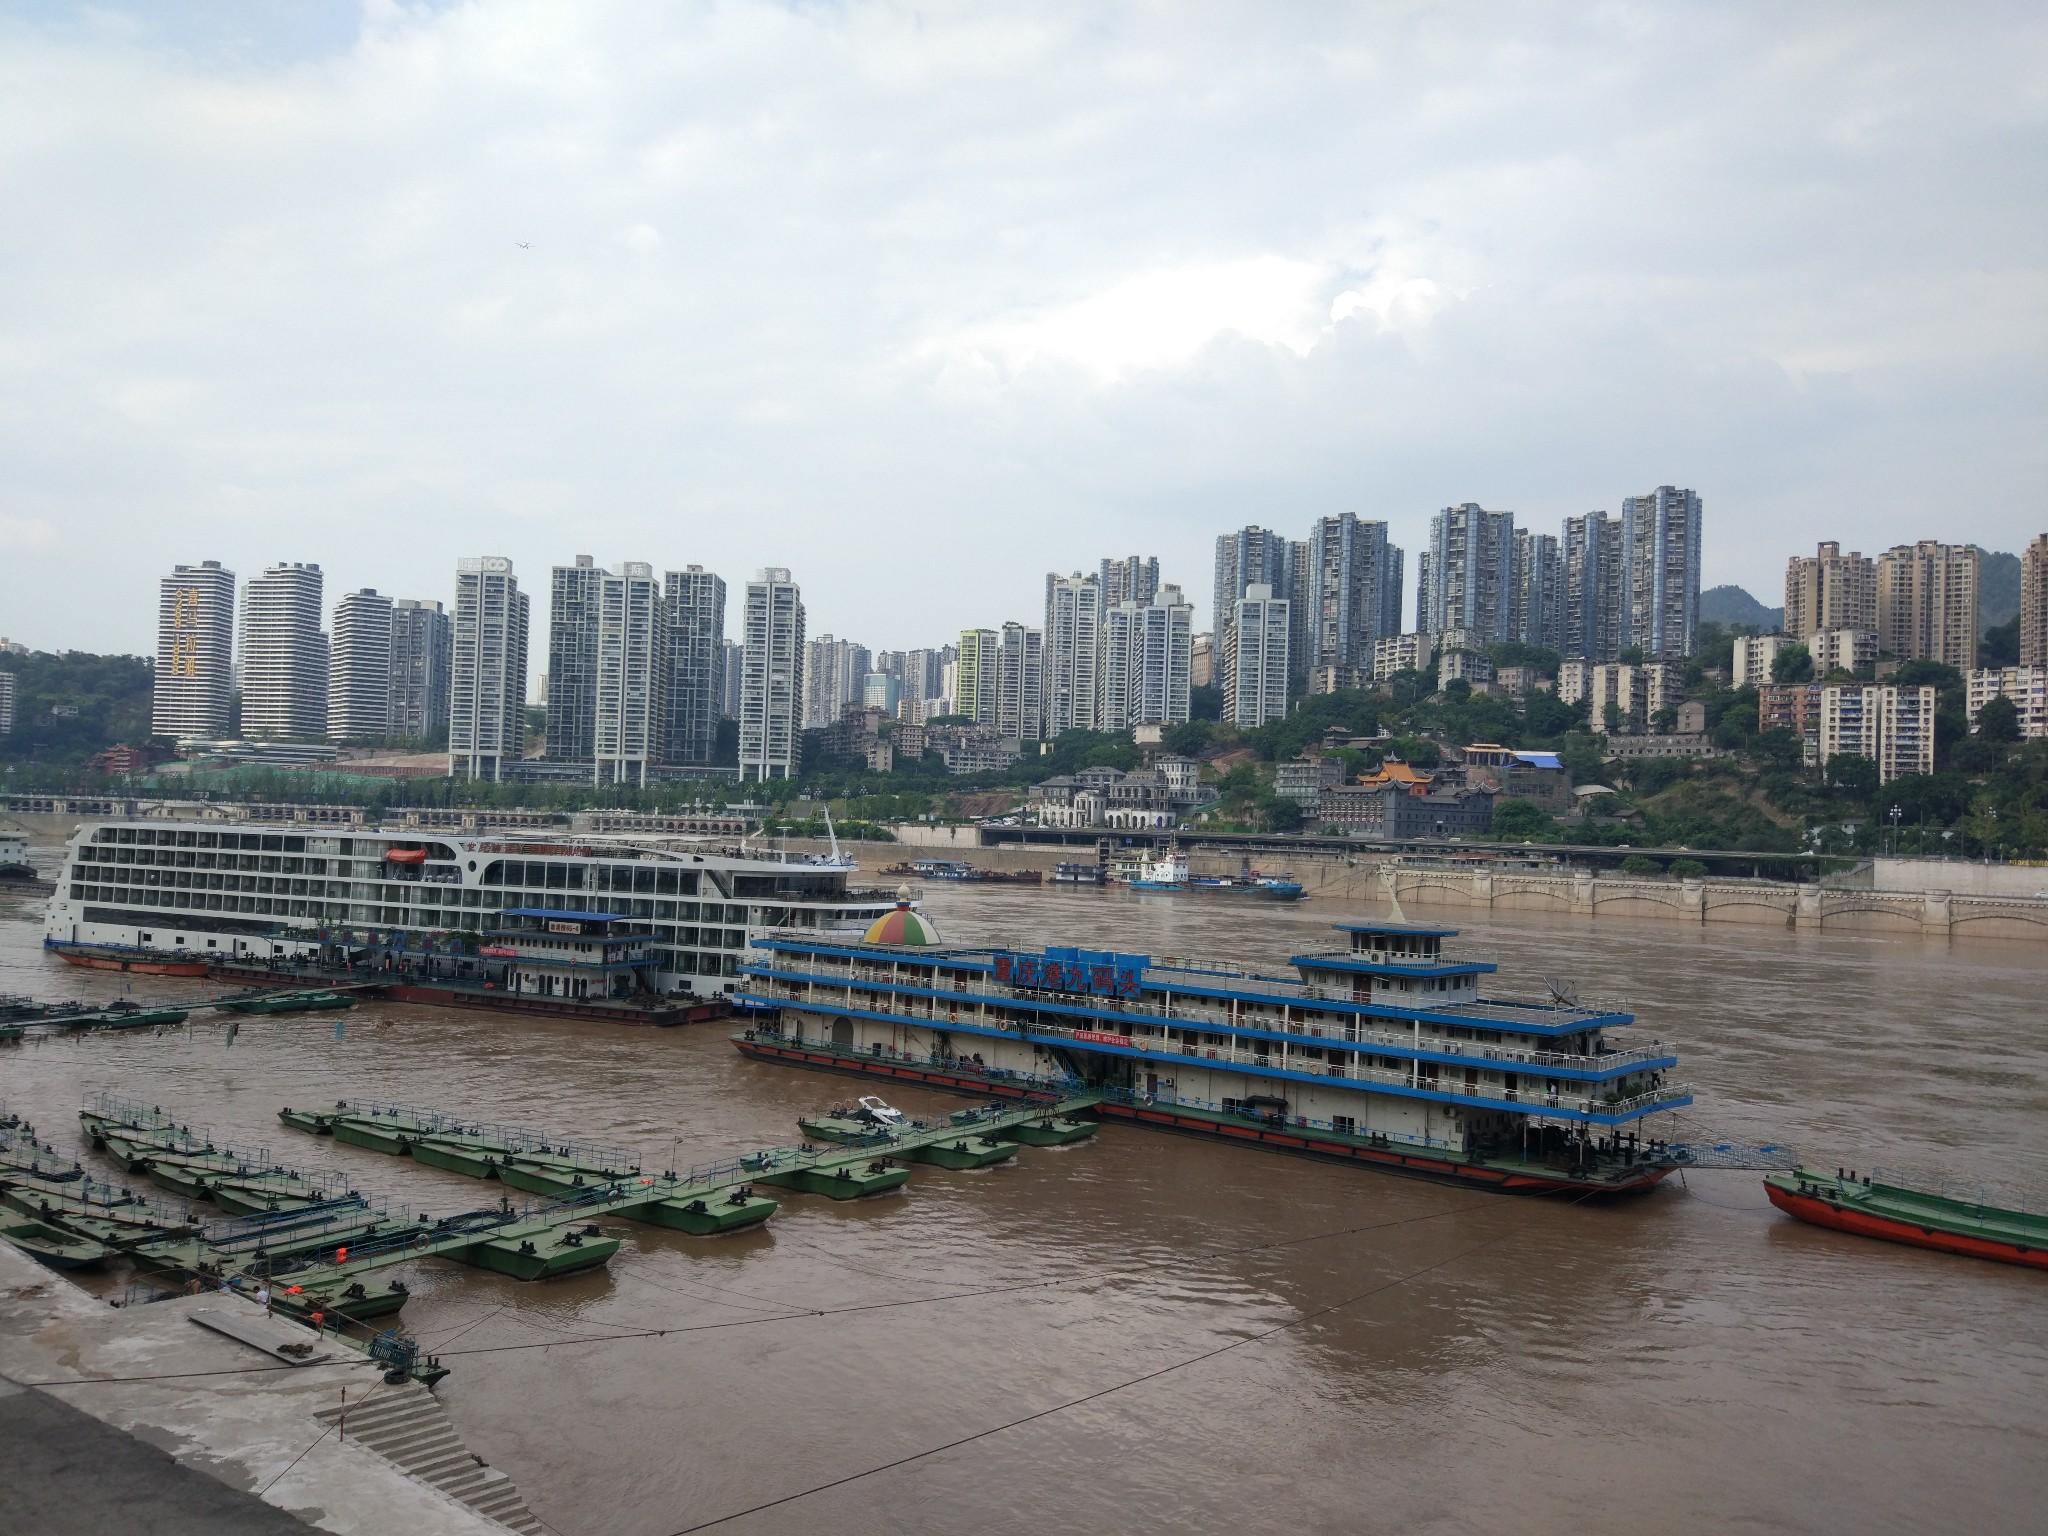 chongqing chaotianmen port